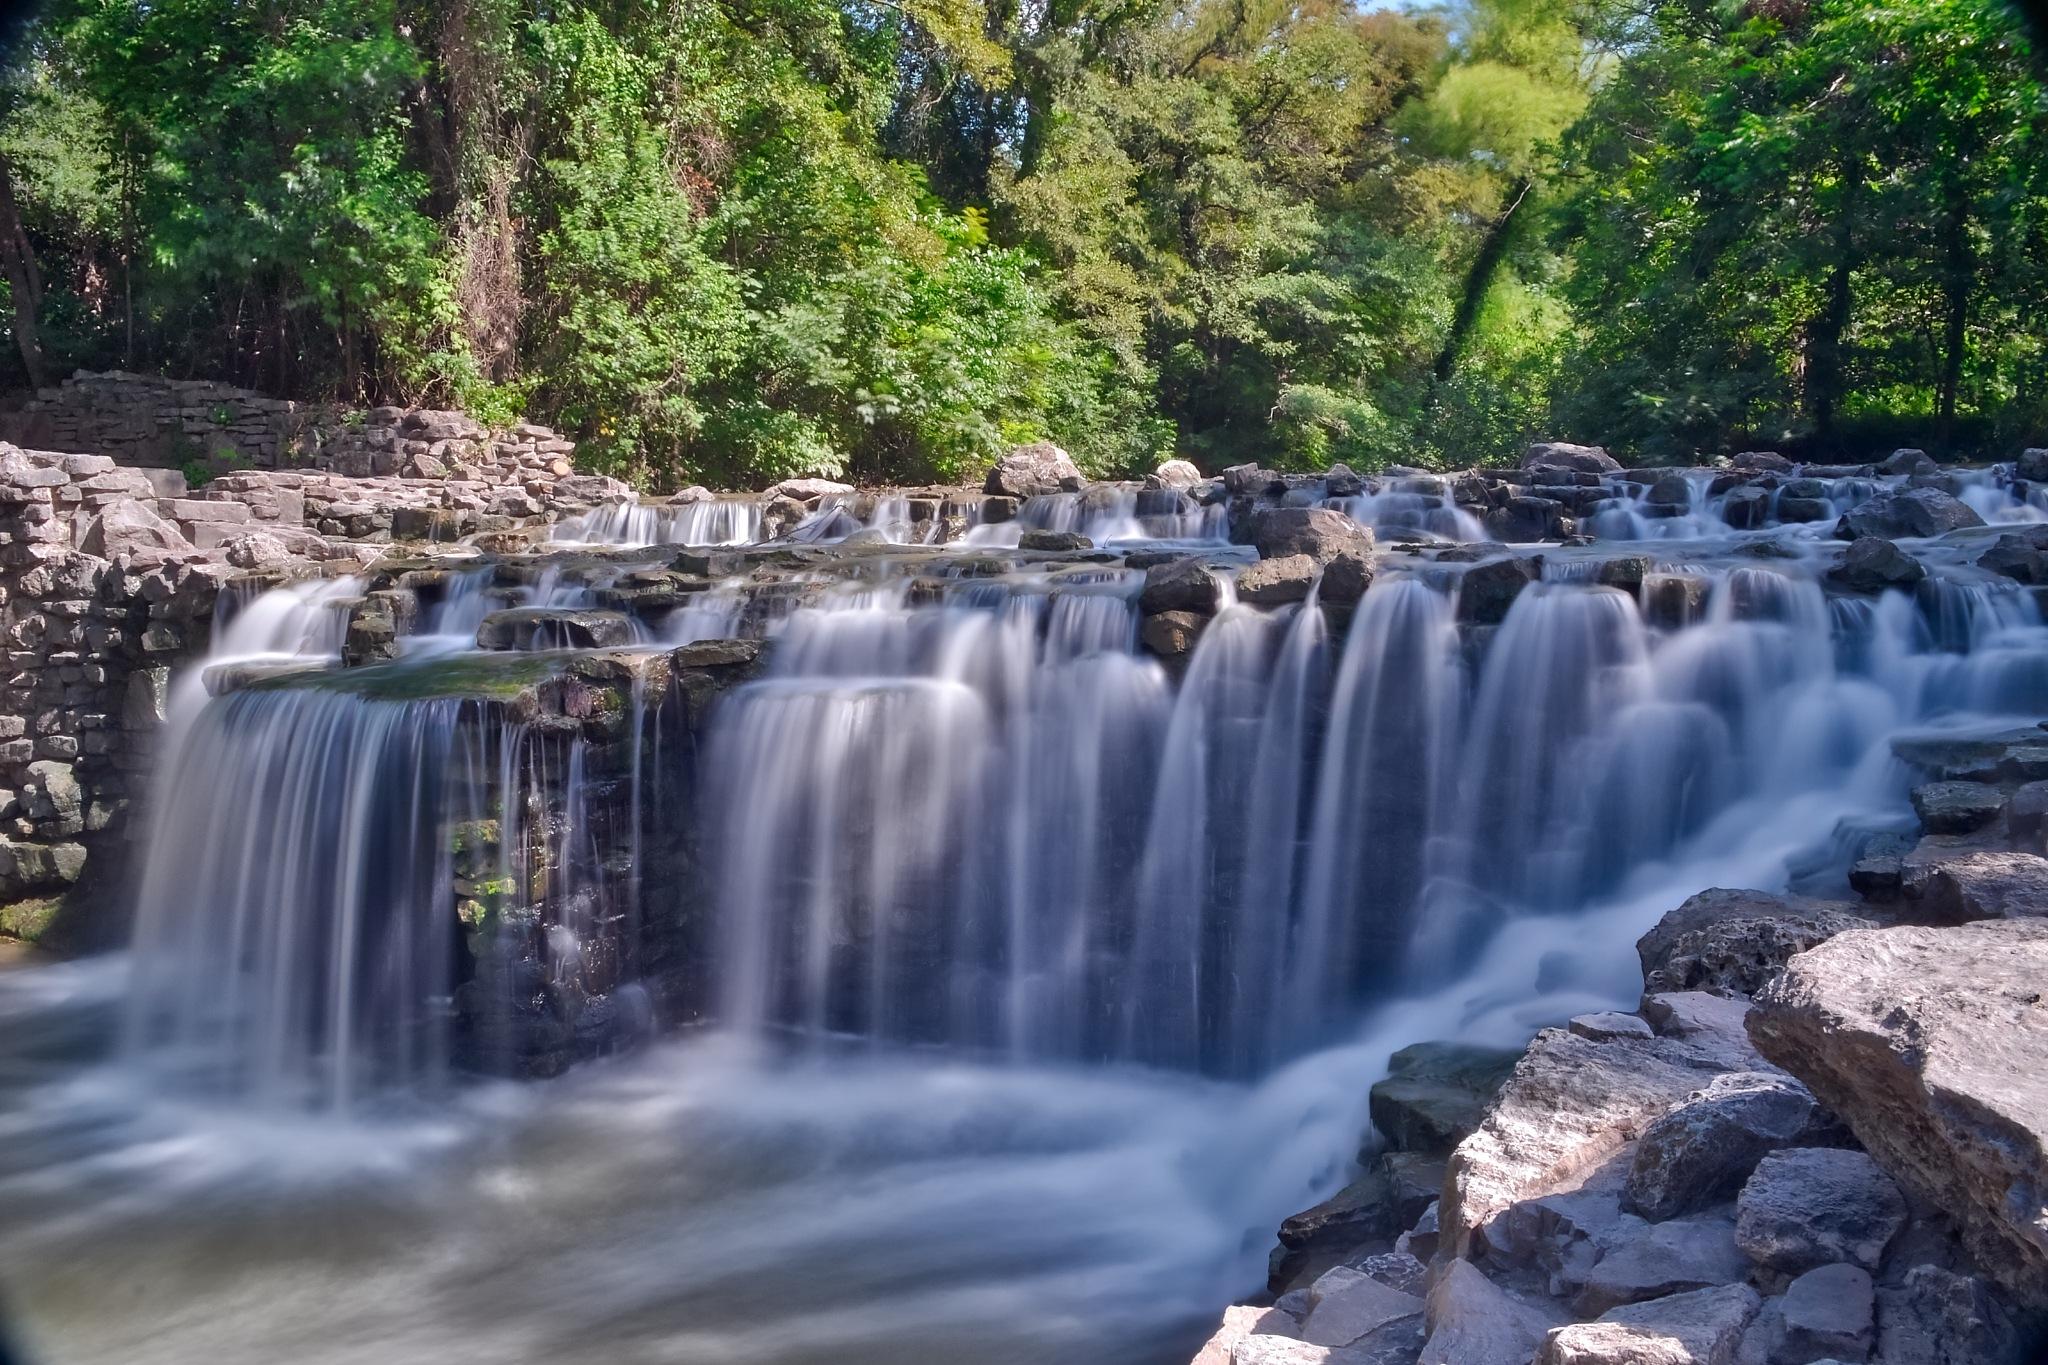 Prairie Creek Waterfall by AdamKBuchanan